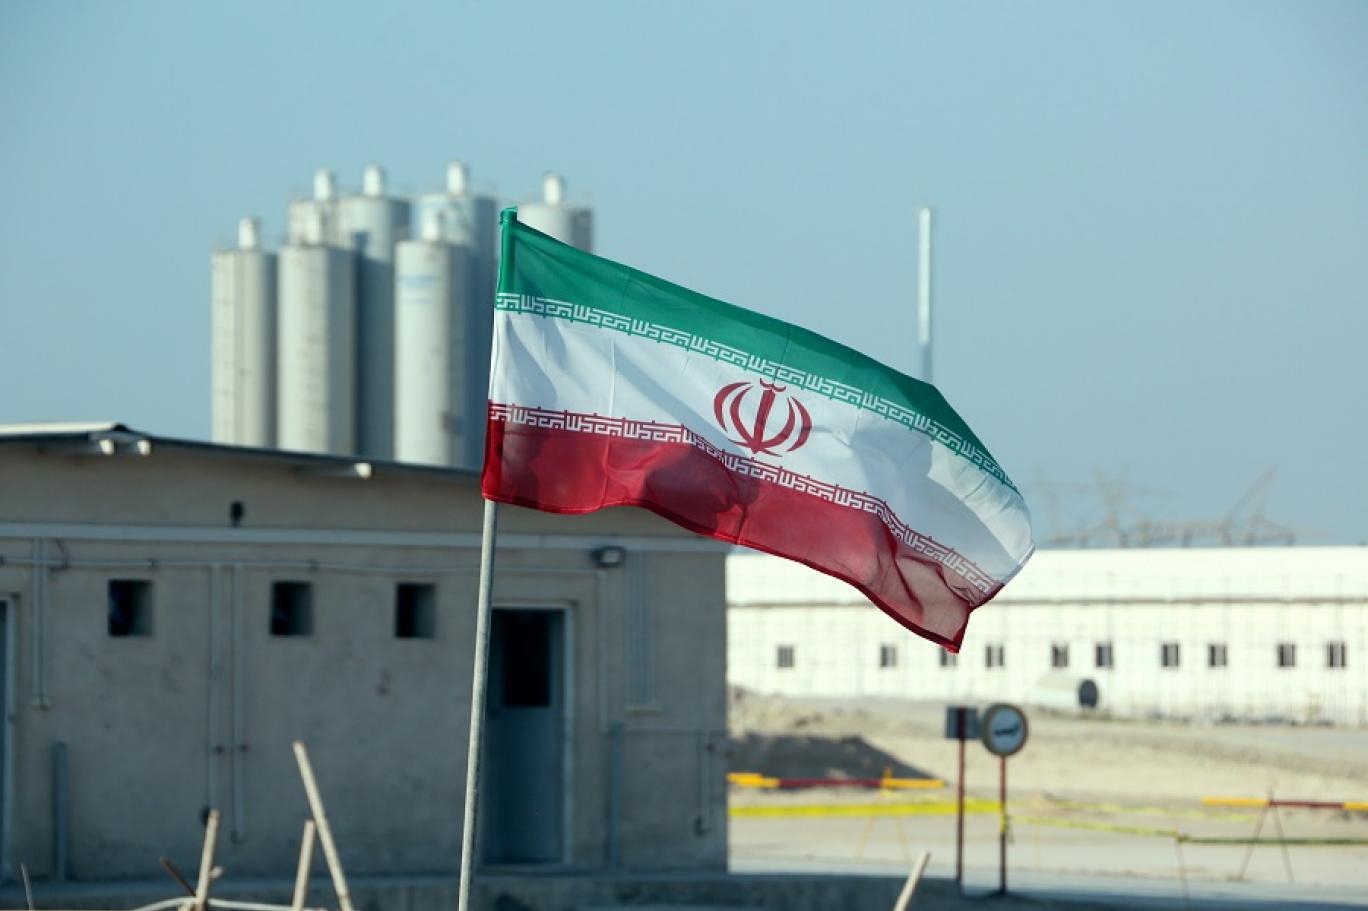 رئيس الموساد الجديد: إيران في رأس قائمة التحديات الأمنية الماثلة أمام إسرائيل